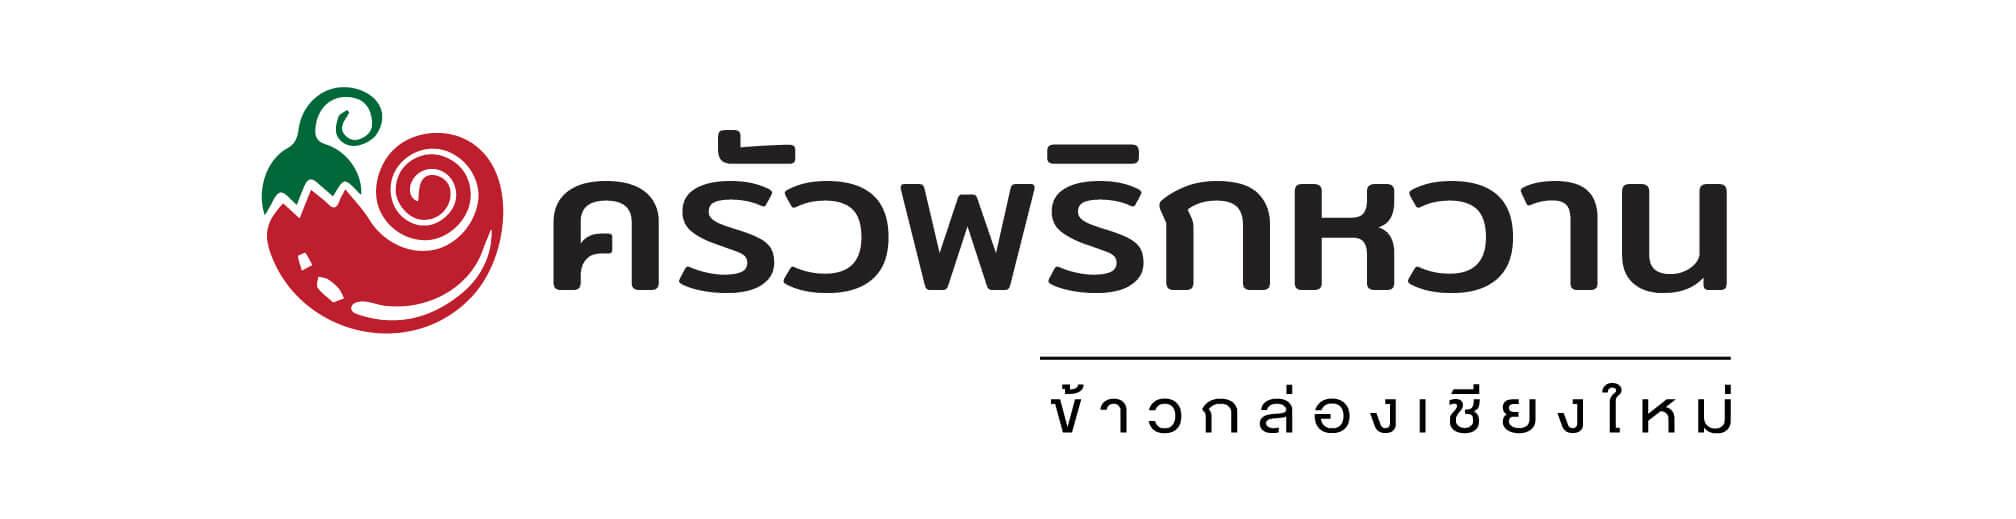 ครัวพริกหวาน ข้าวกล่อง เชียงใหม่ Logo